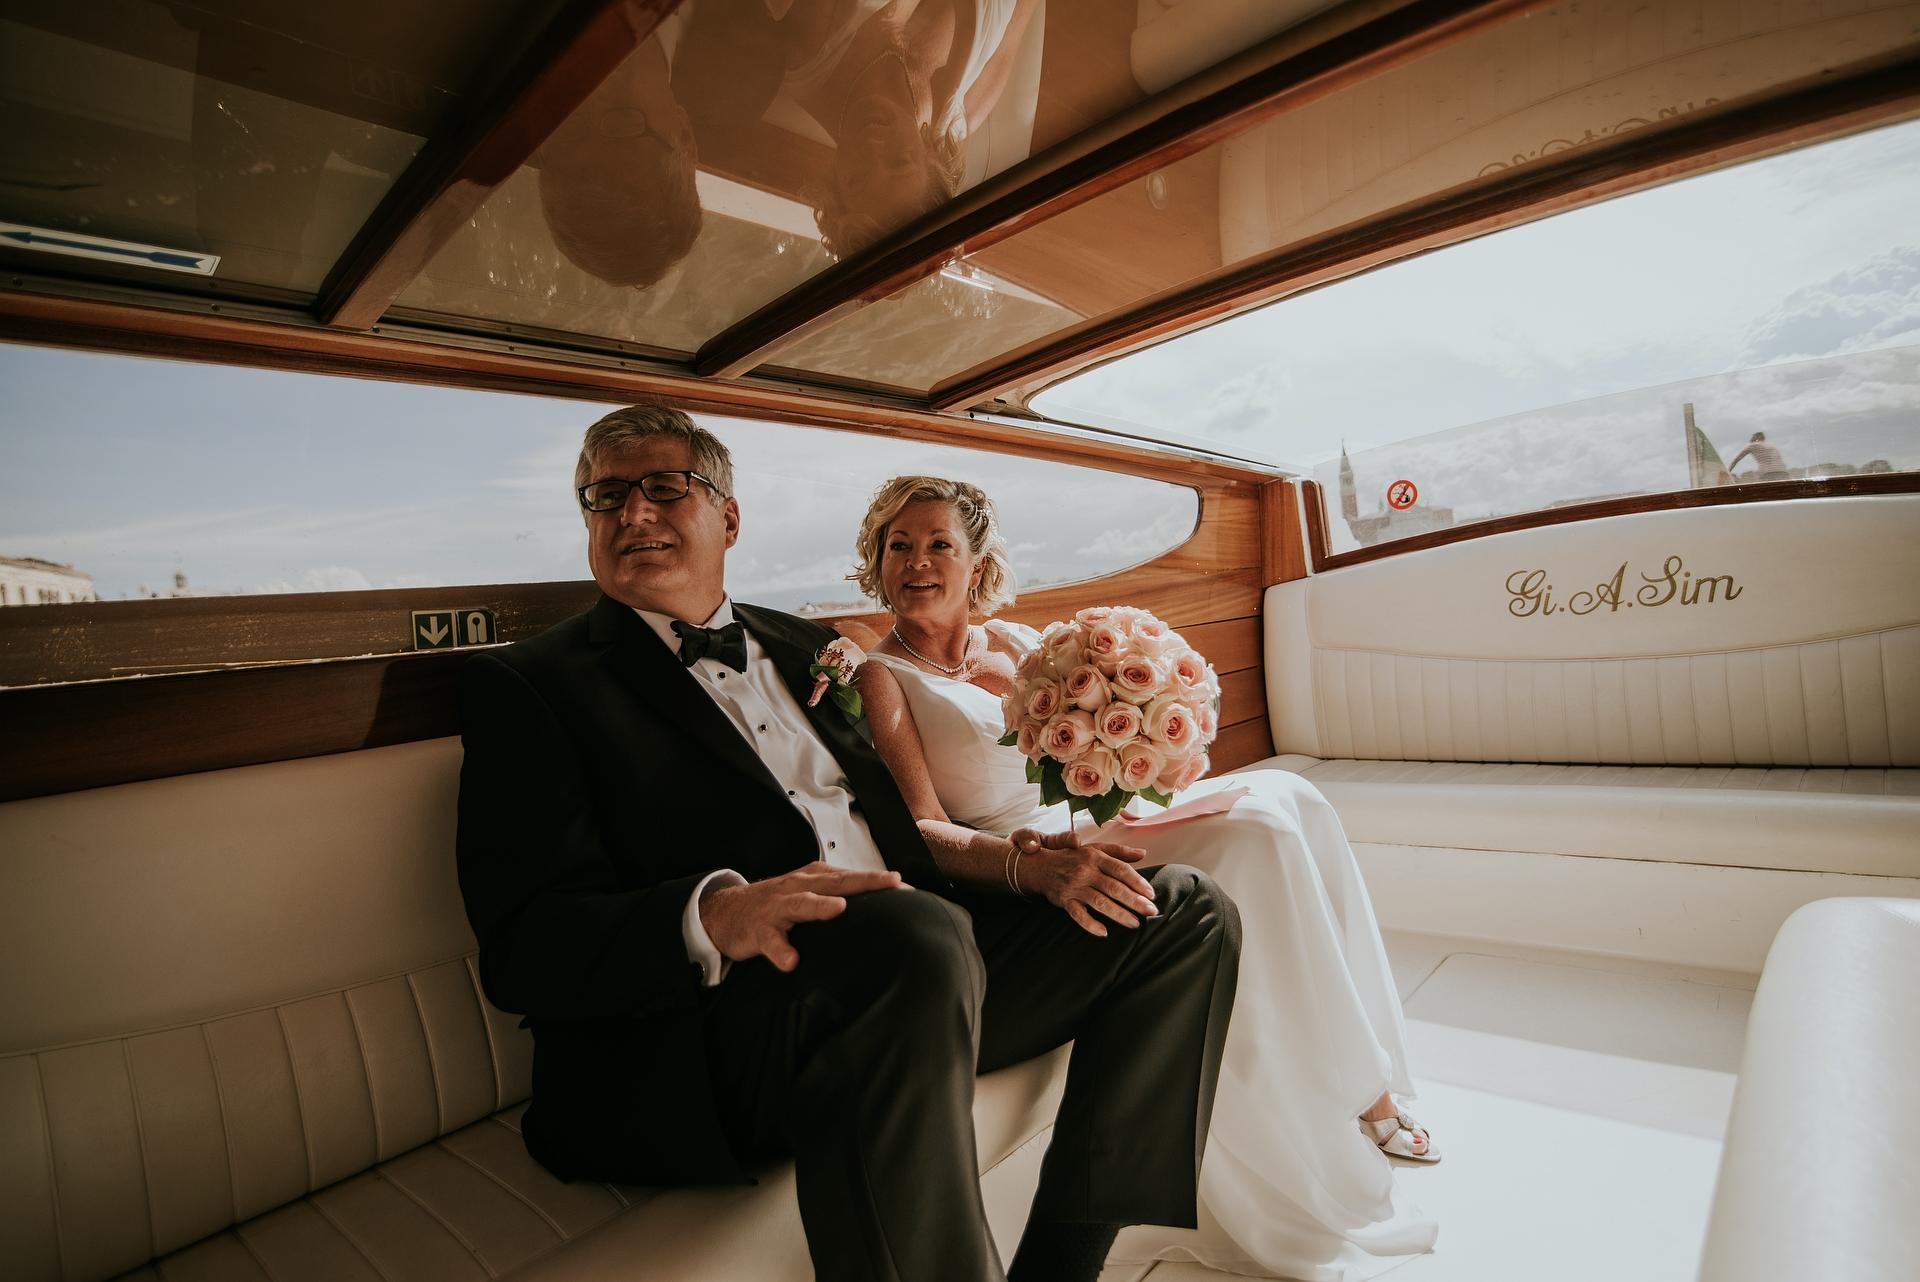 Watertaxi - Venetië, Italië Elopement Foto | het bruidspaar neemt een taxi naar het Palazzo Cavalli